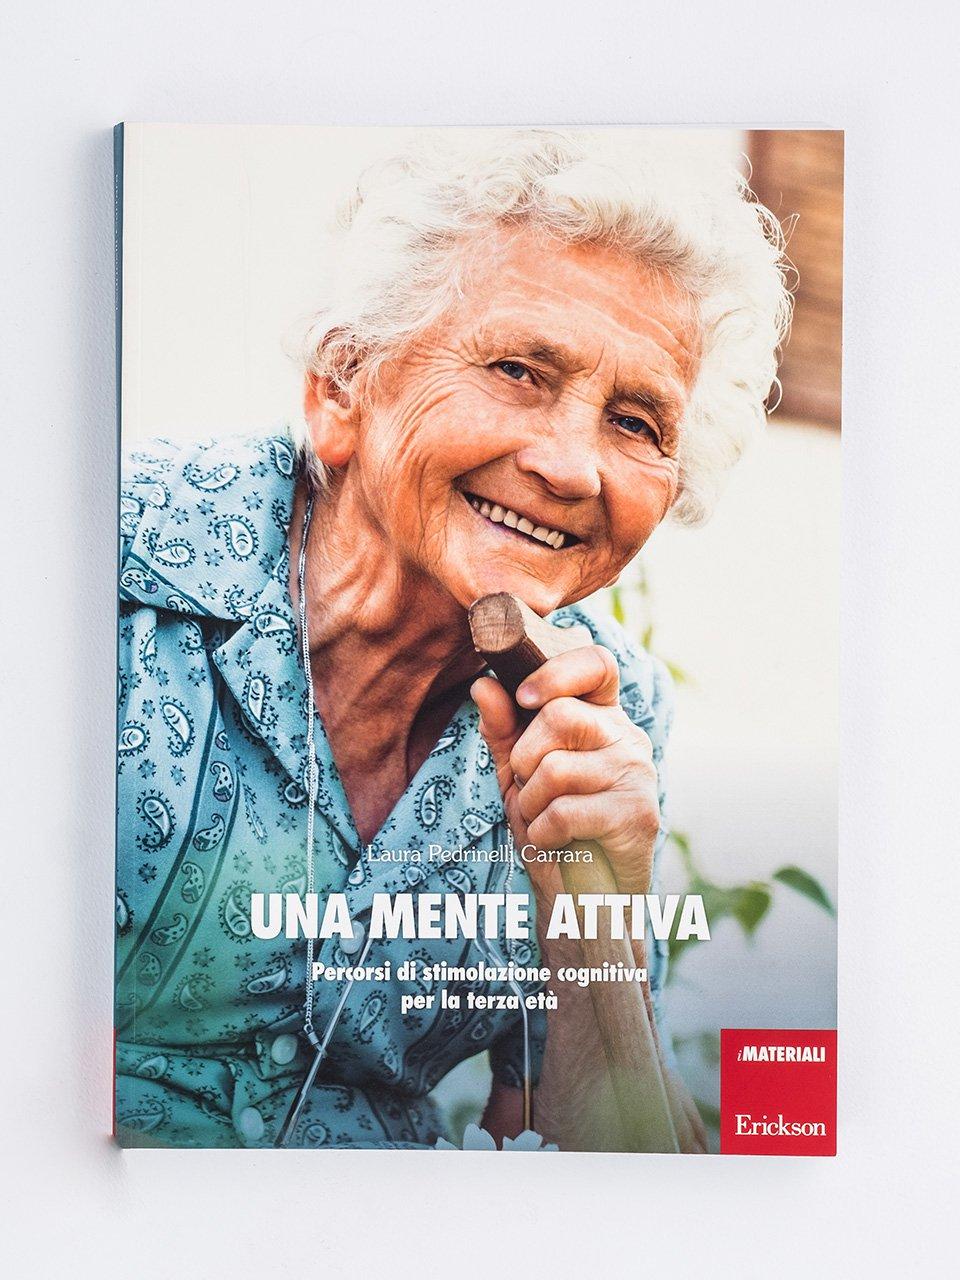 Una mente attiva - La riabilitazione nella demenza grave - Libri - Erickson